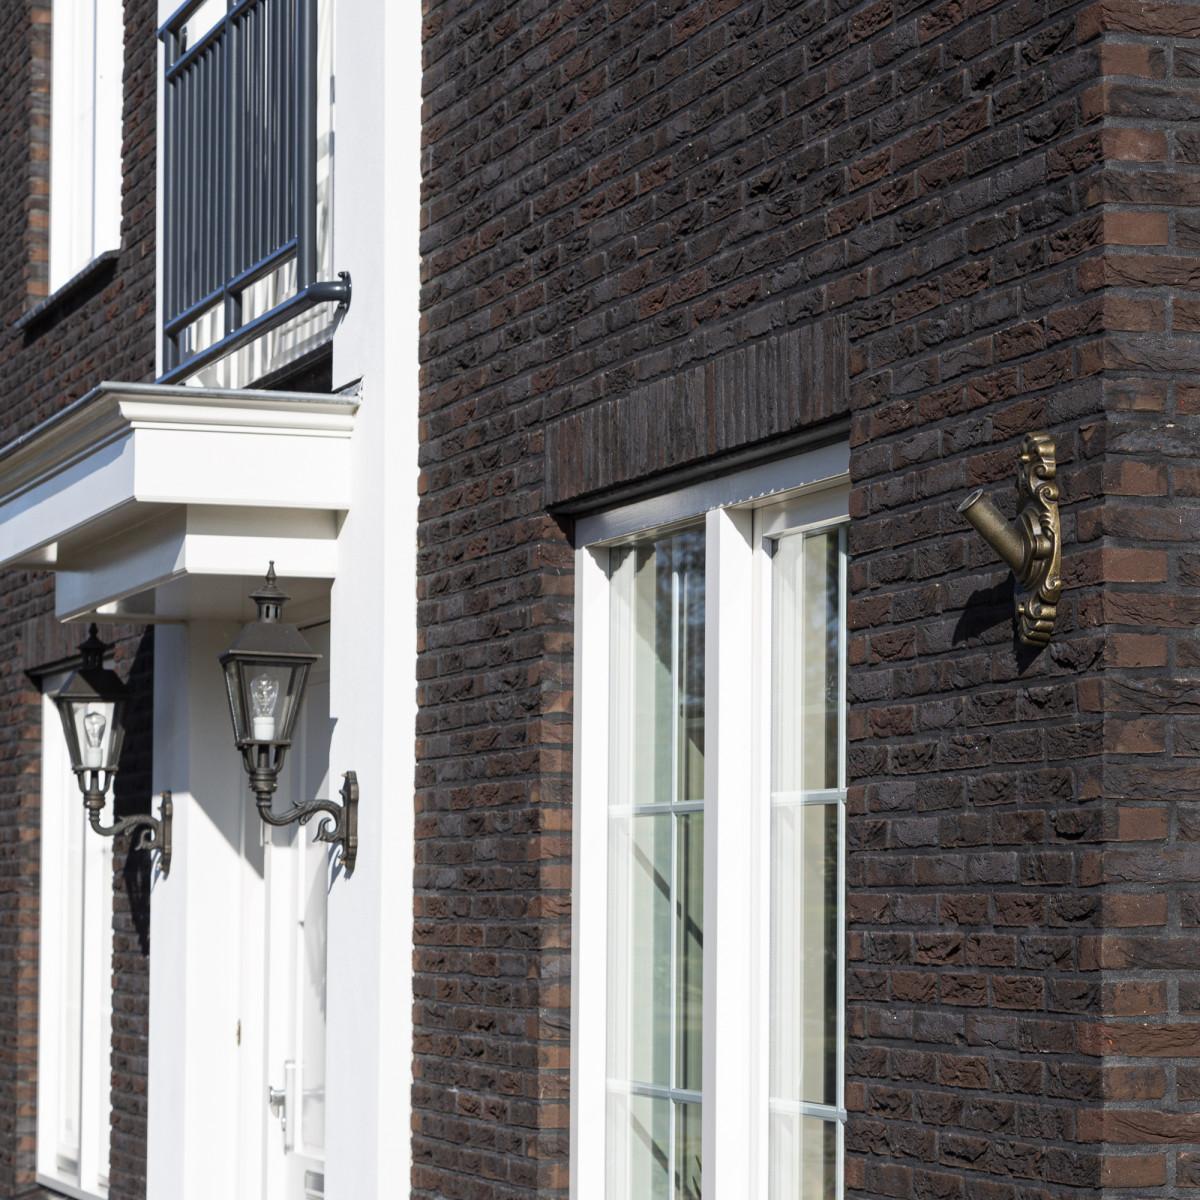 bronzen vlaggenmasthouder een handgemaakt ornament voor aan de gevel volledig onderhoudsvrij vlaggenstokhouder massief brons